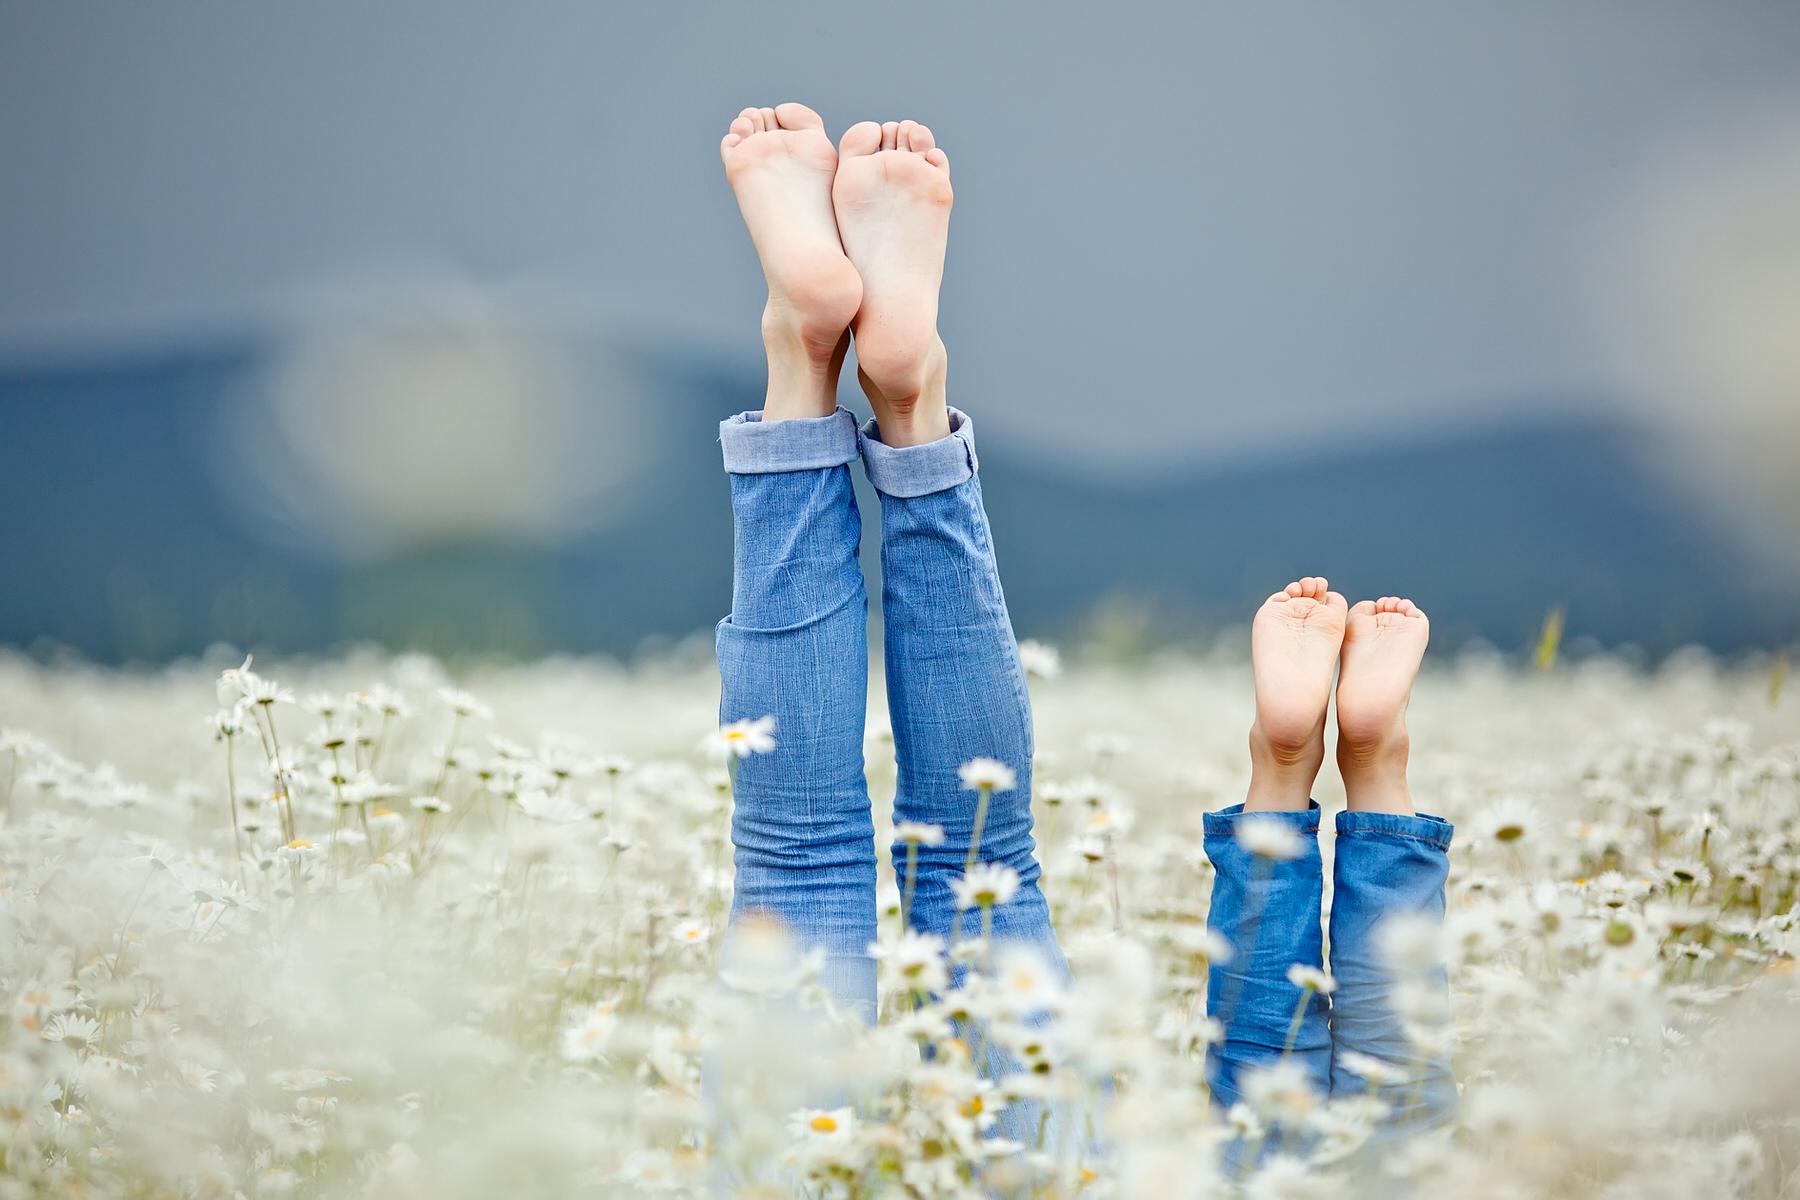 Le but du désencombrement n'est pas de nous débarrasser du plus de choses possibles mais de vivre entouré de choses qui nous rendent heureux